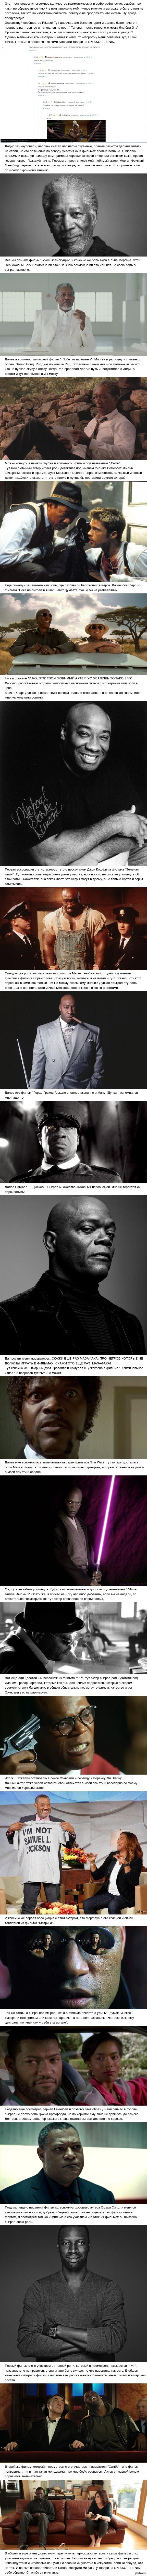 Актер черный в сша